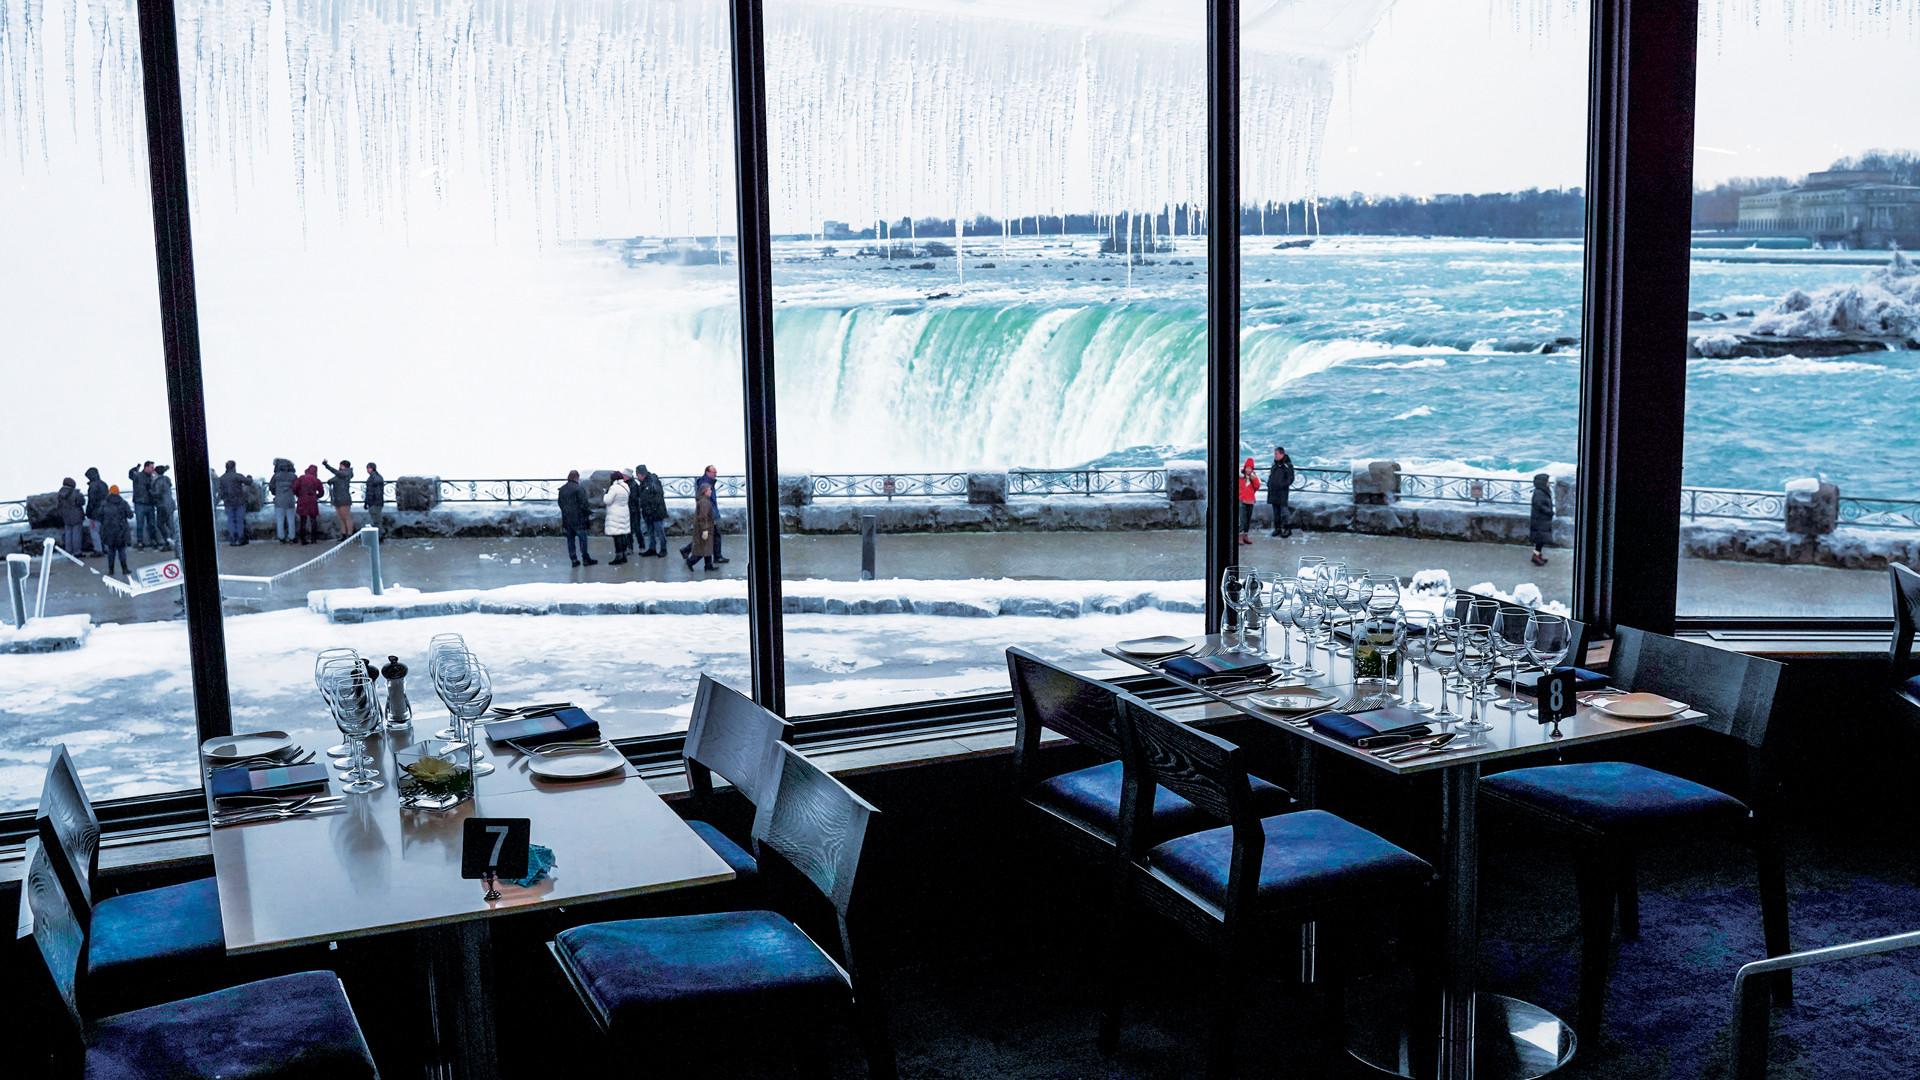 Table Rock House Restaurant, Niagara Falls, Ontario